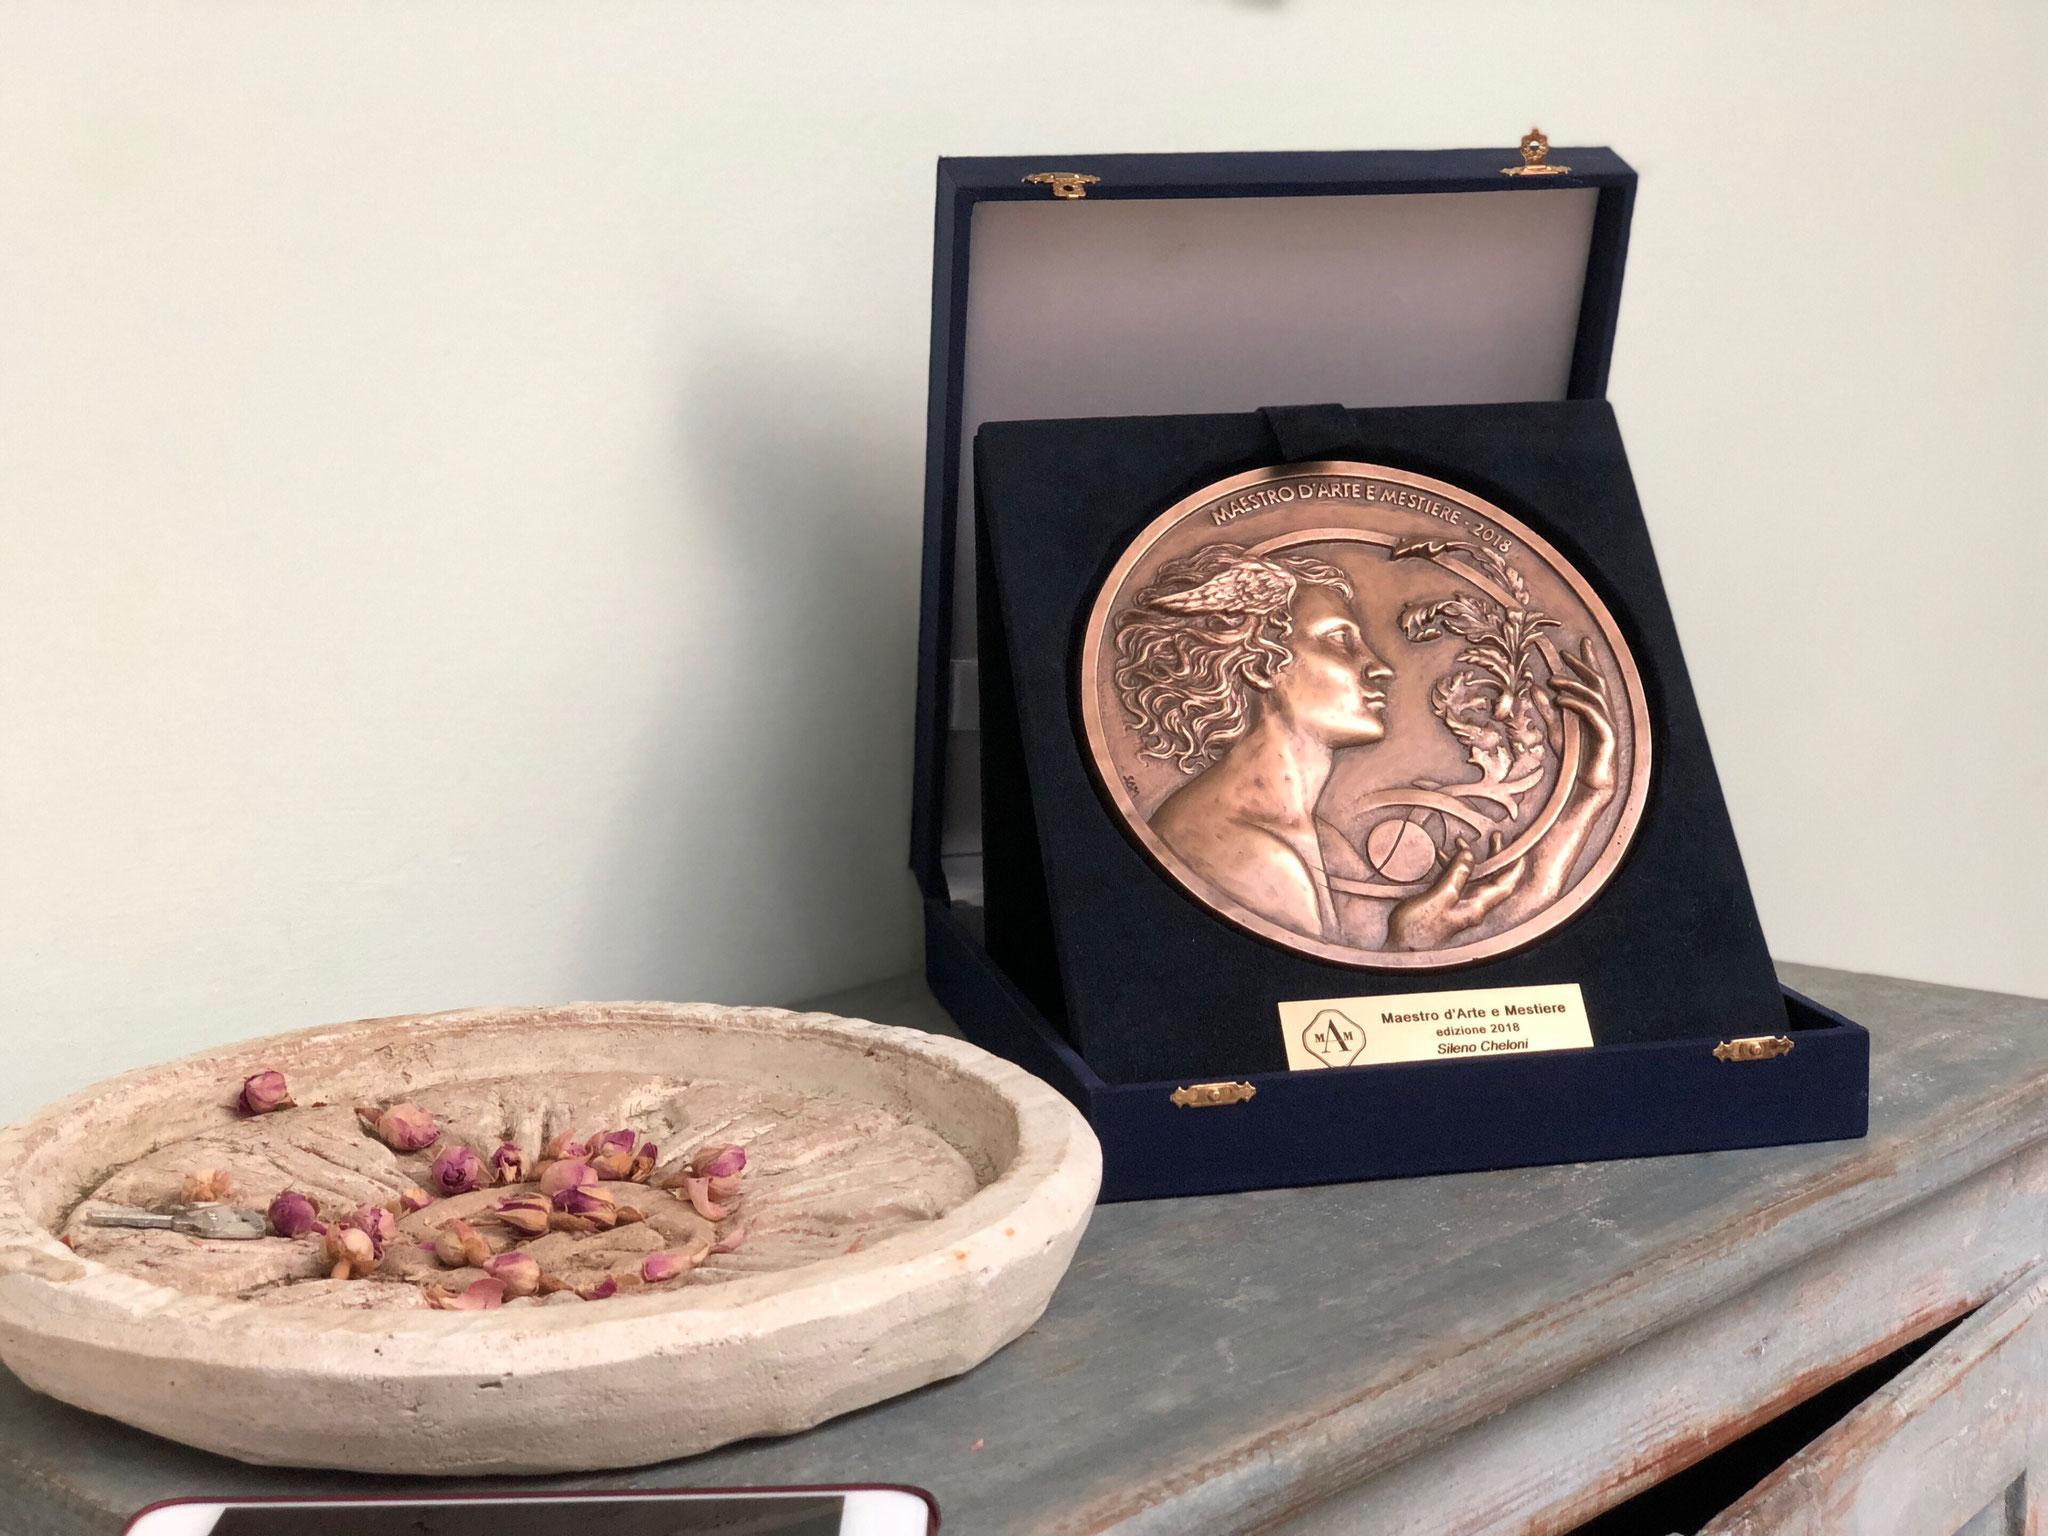 年イタリア政府から優秀な職人(マエストロ)として表彰された時のメダル Maestro d'Arte e Mestiere edizione 2018